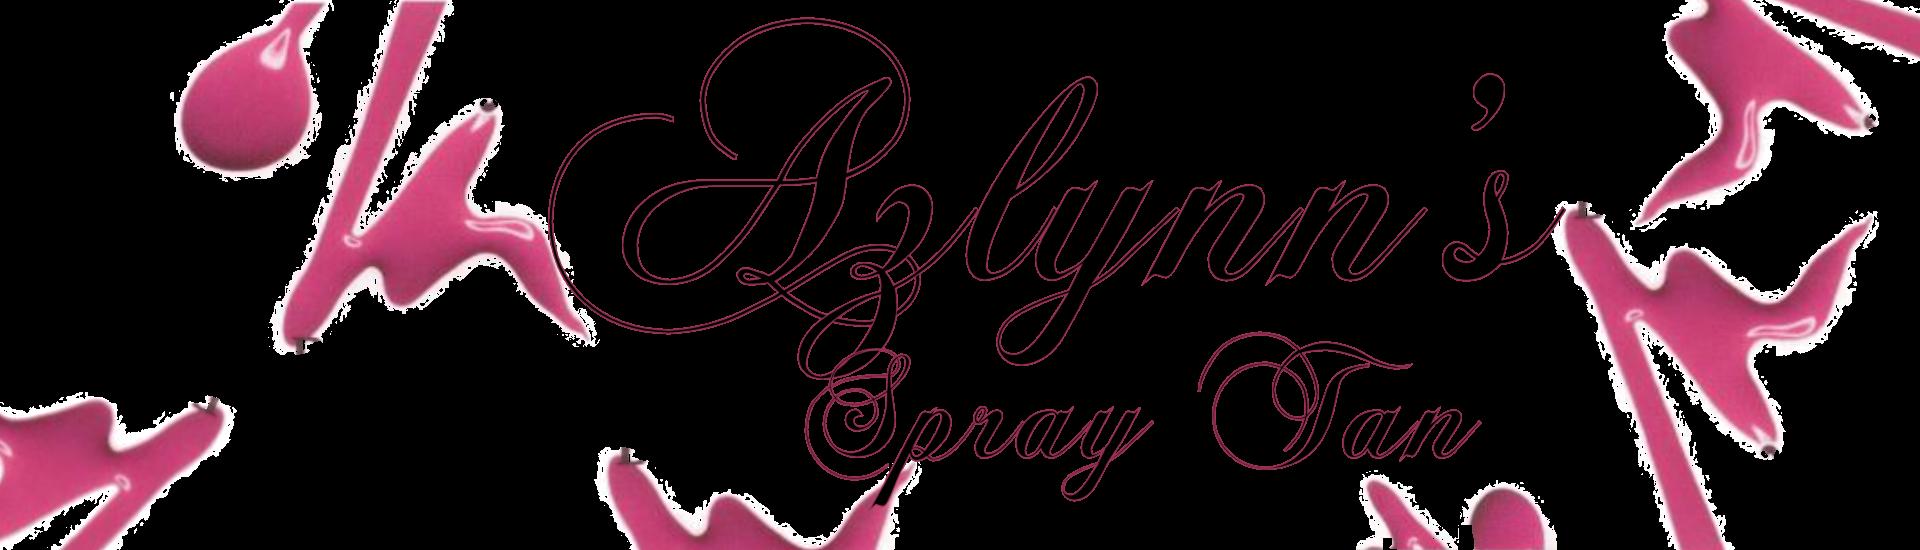 Azlynn's Nail Salon Spray Tanning